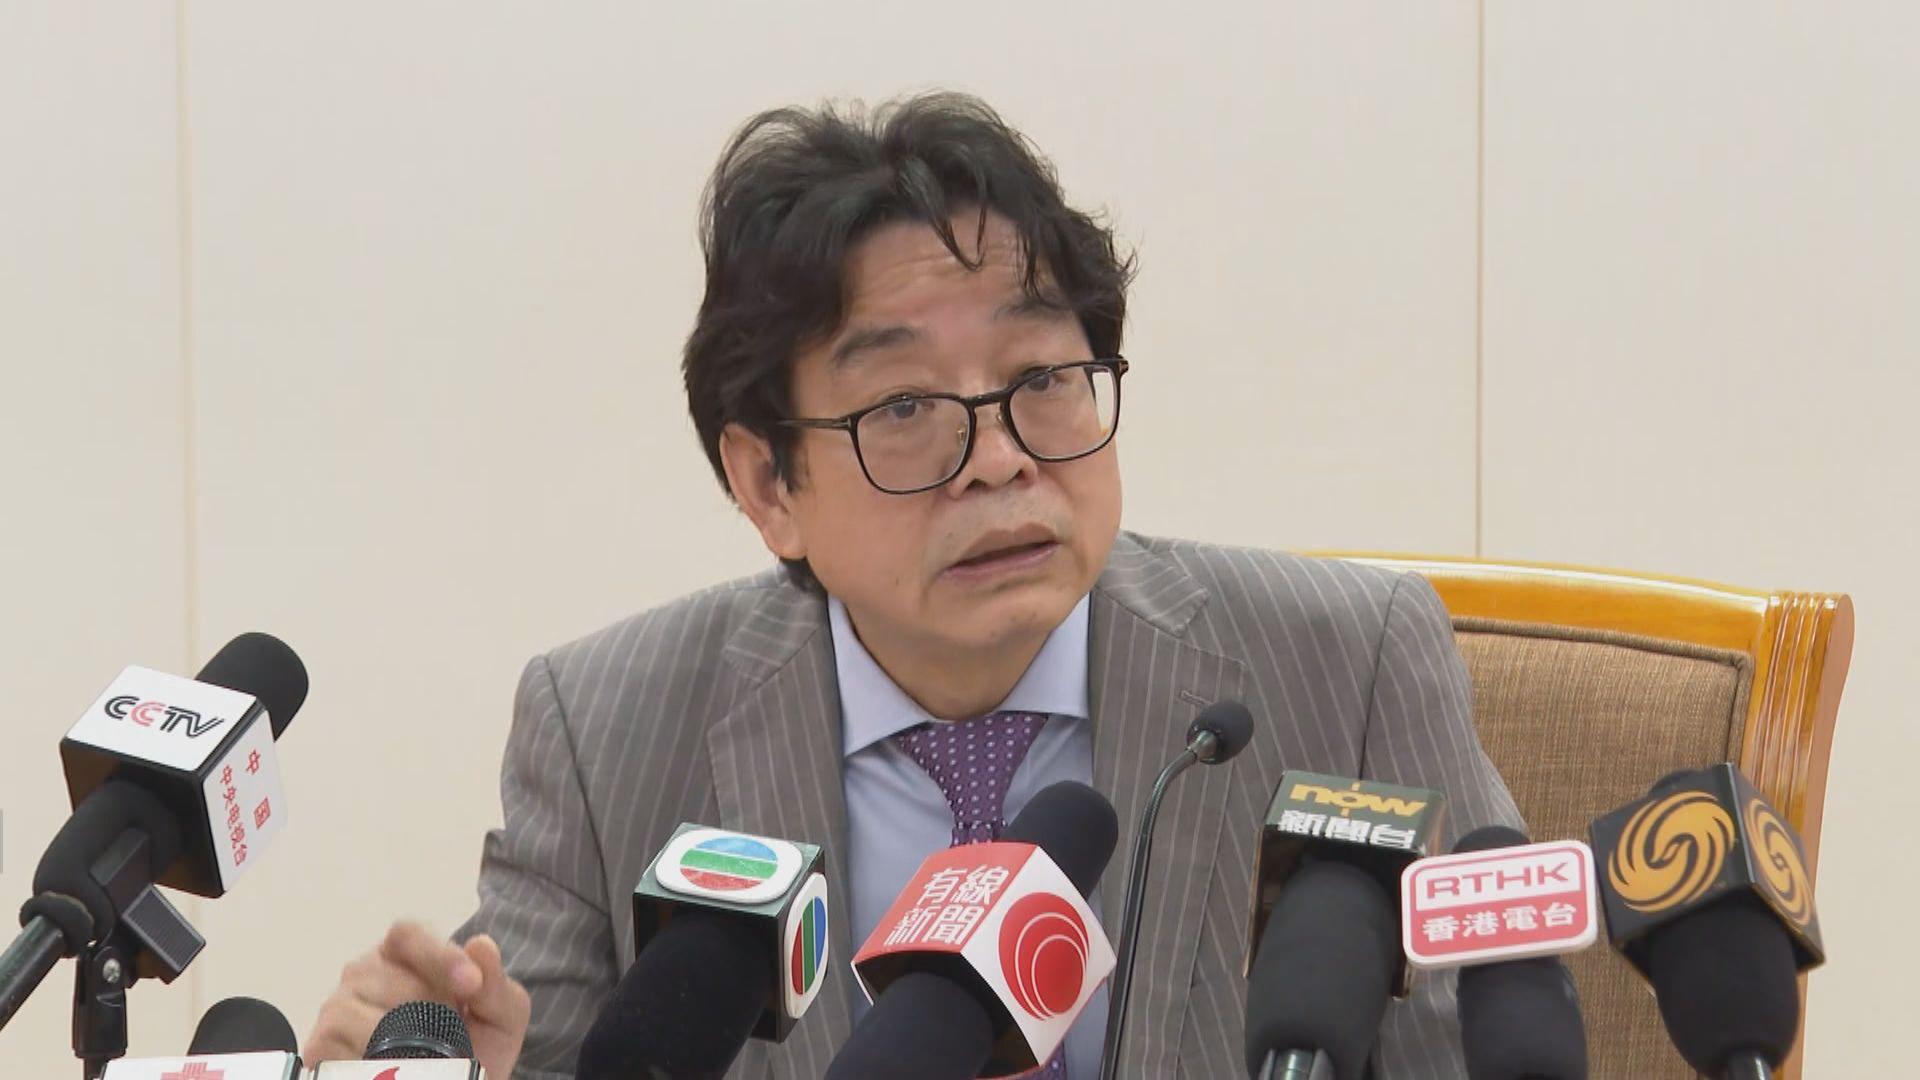 陳端洪:西方稱國安法與普選目標不一致是誤解及誤導